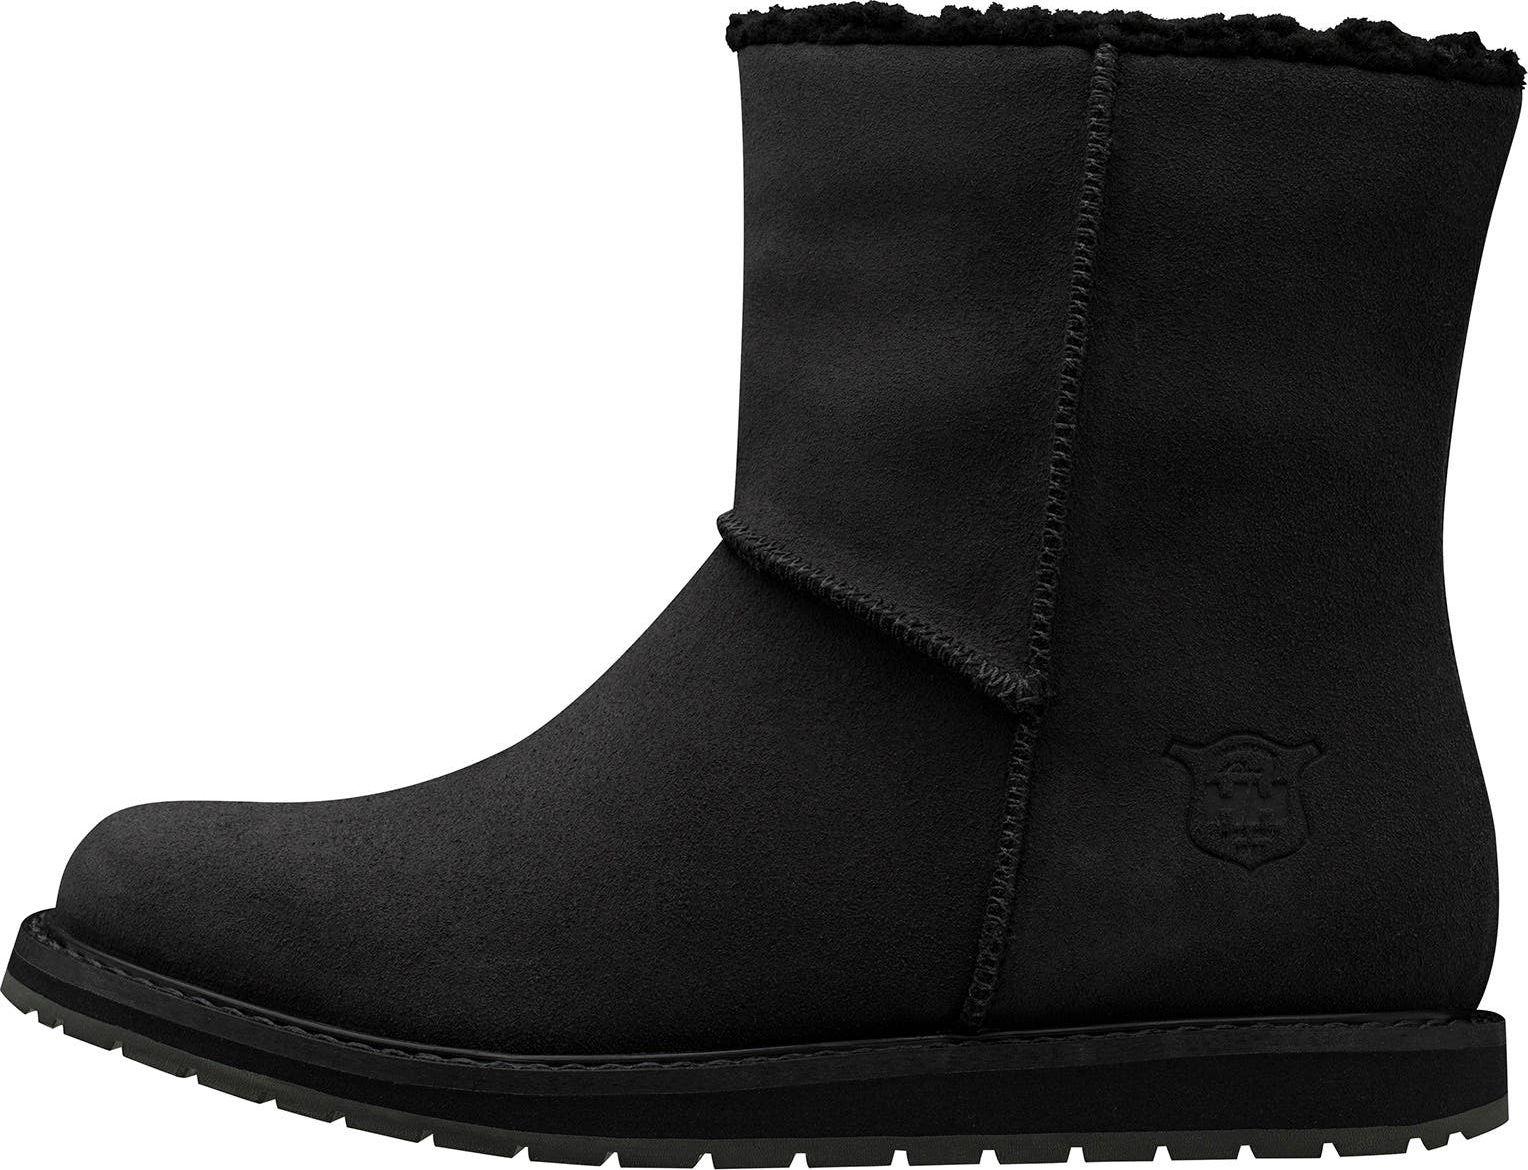 HELLY HANSEN Annabelle Boot Women's Black/Black Gum 41